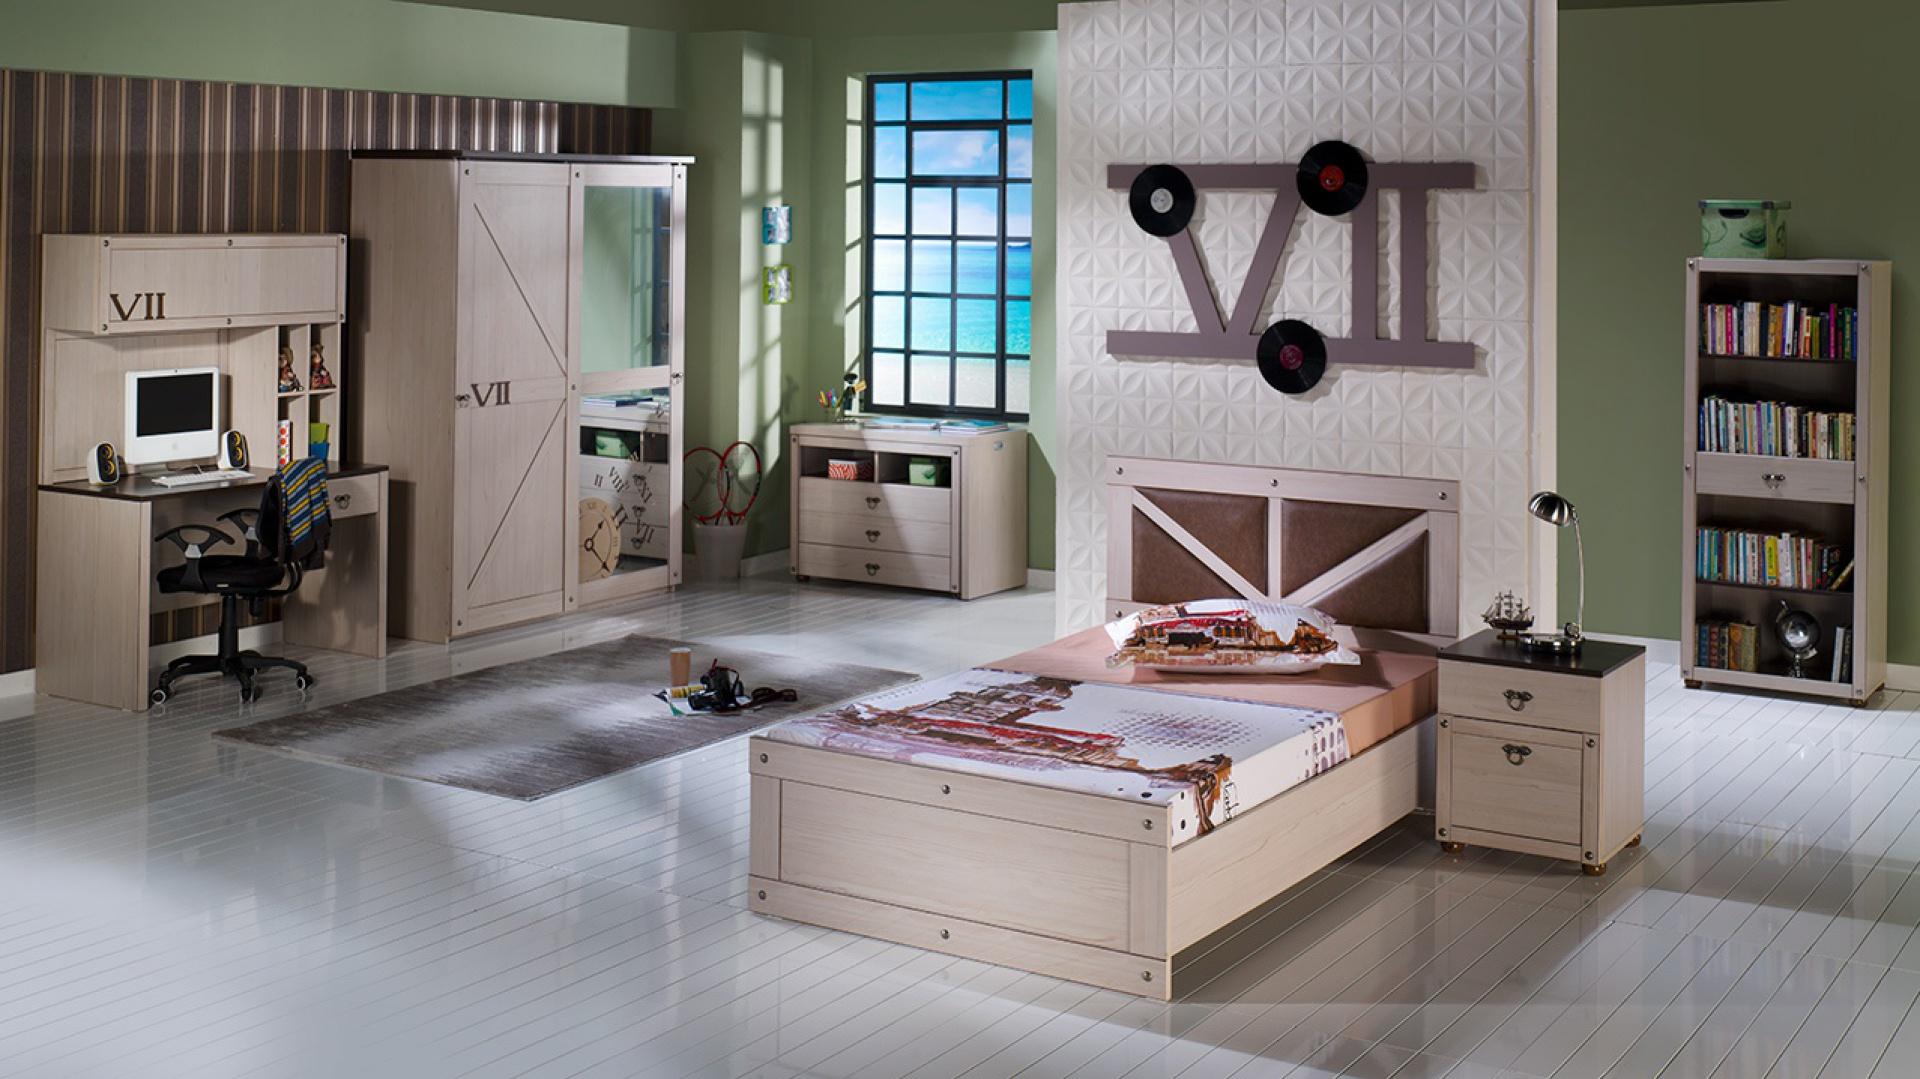 Ściany w kolorze zielonej oliwki stanowią idealne tło dla młodzieżowych mebli z jasnego drewna. Fot. Istikbal.